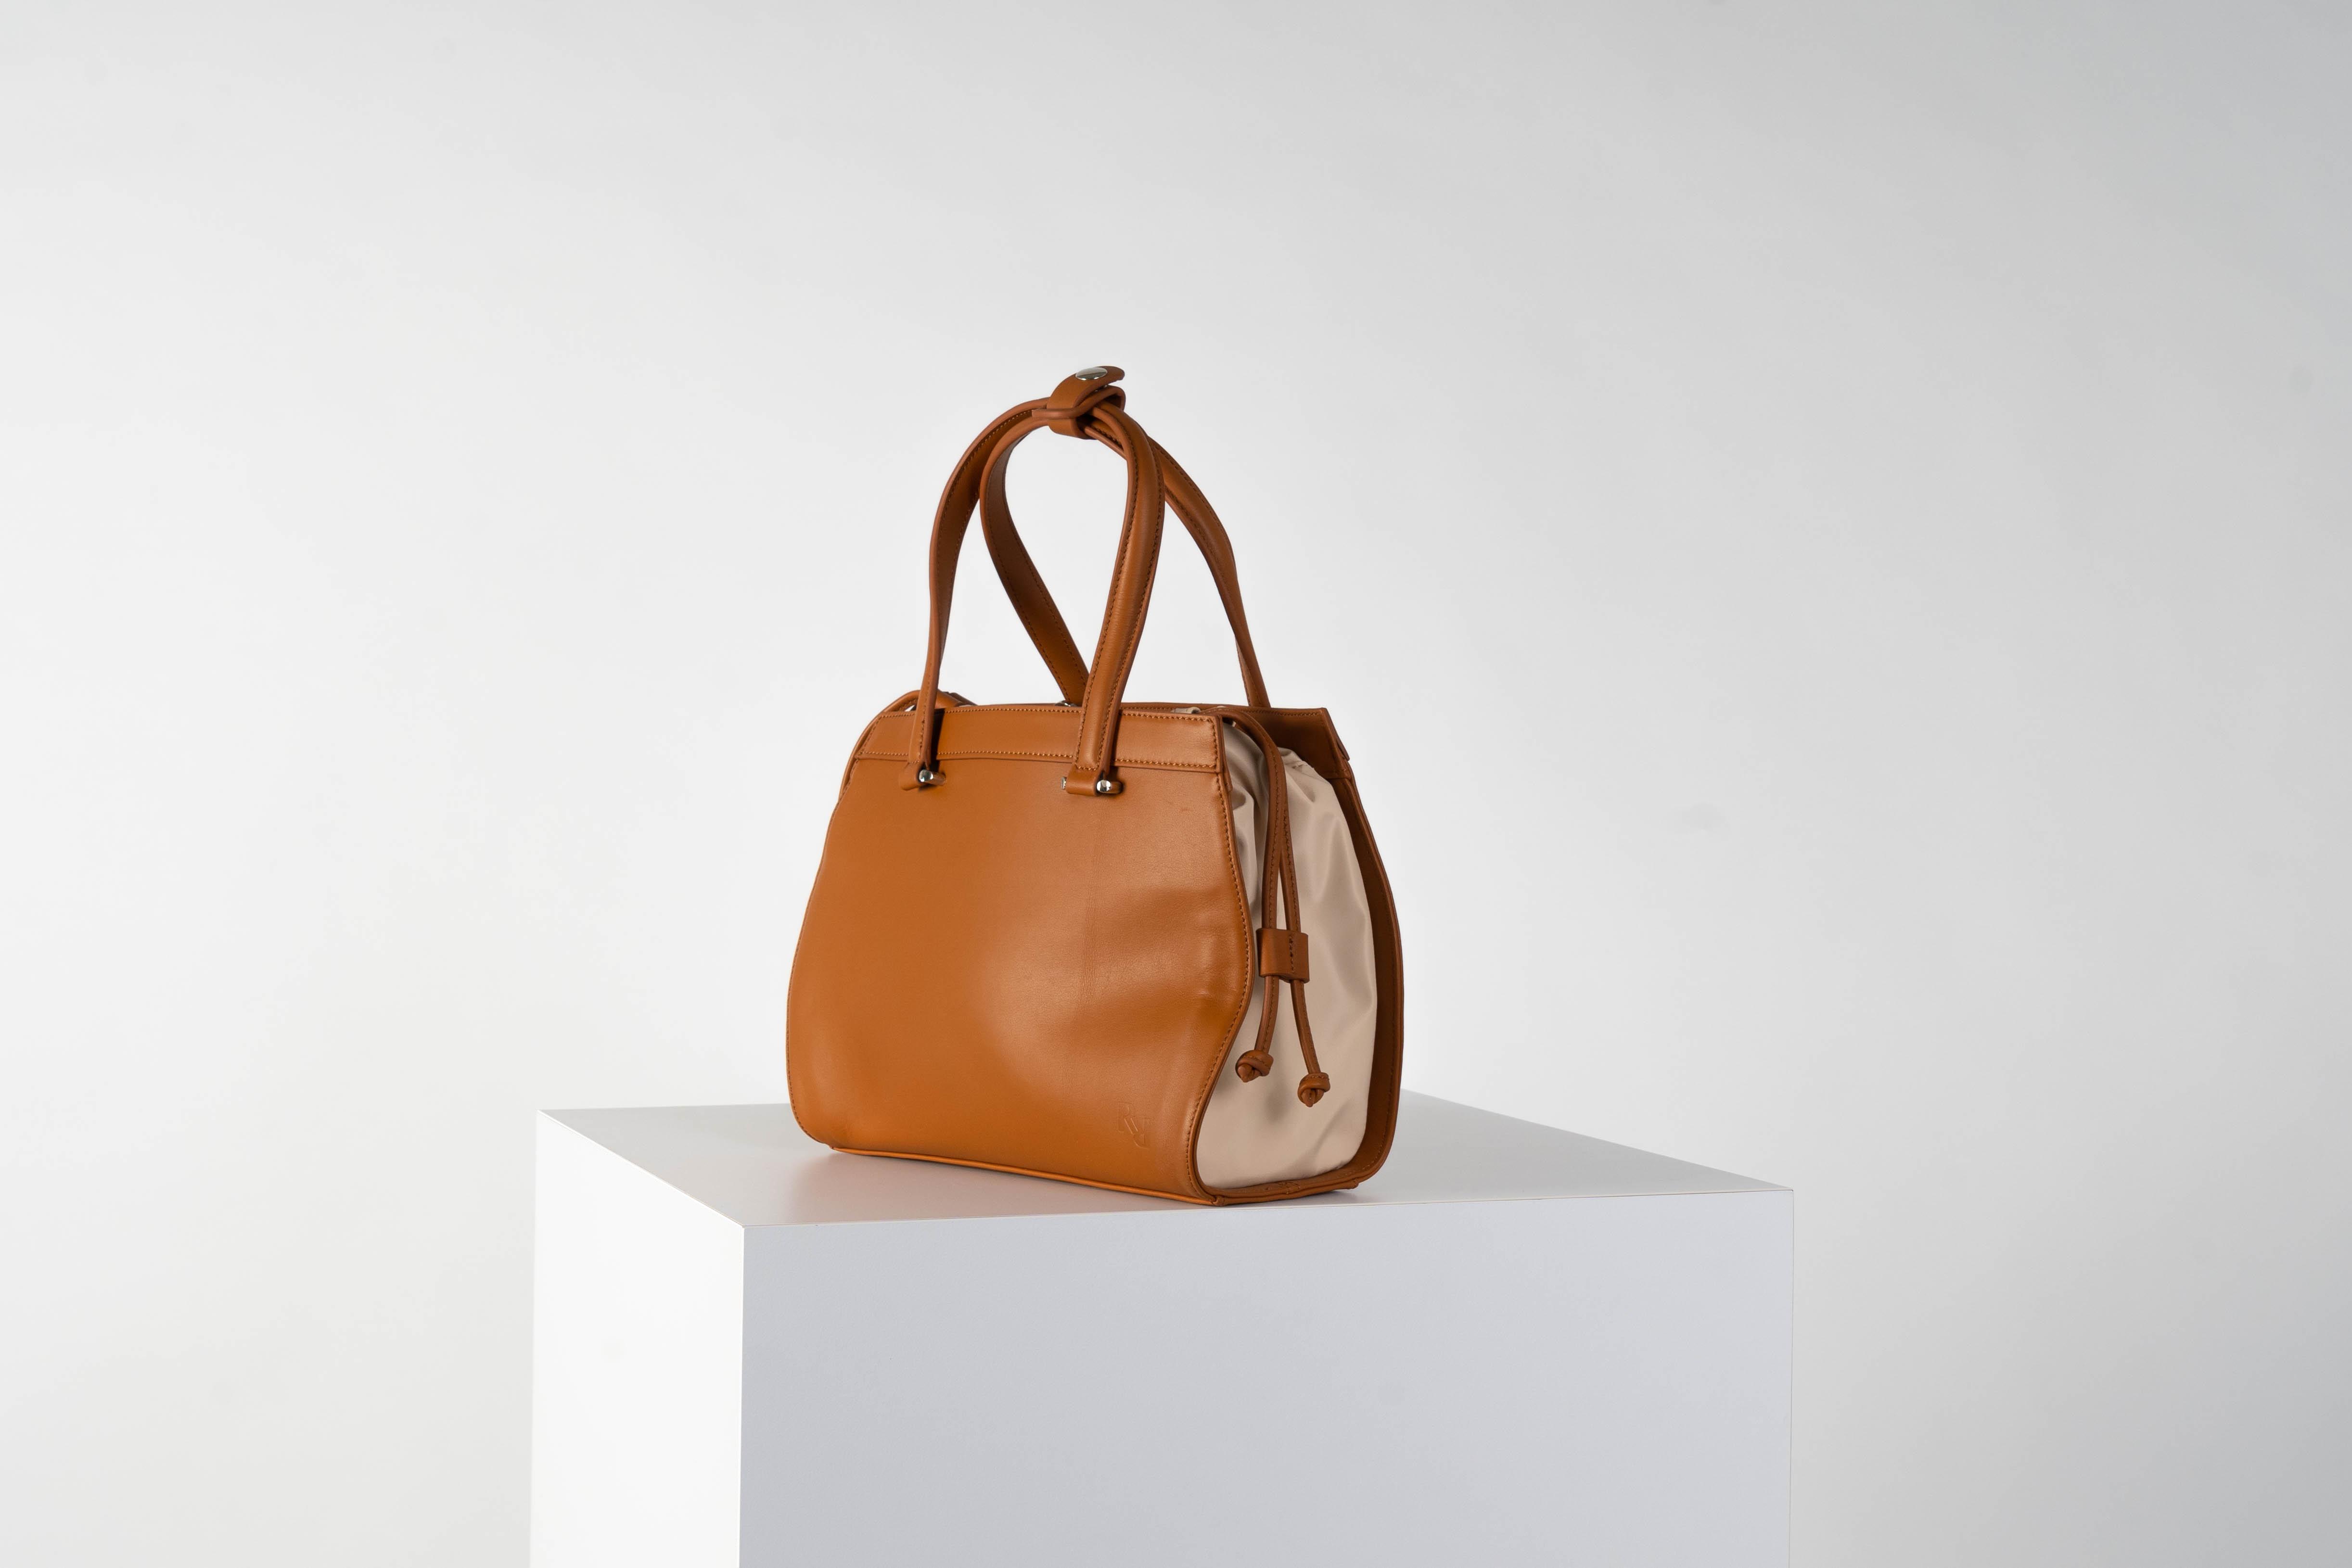 Gusset bag (beige interior)